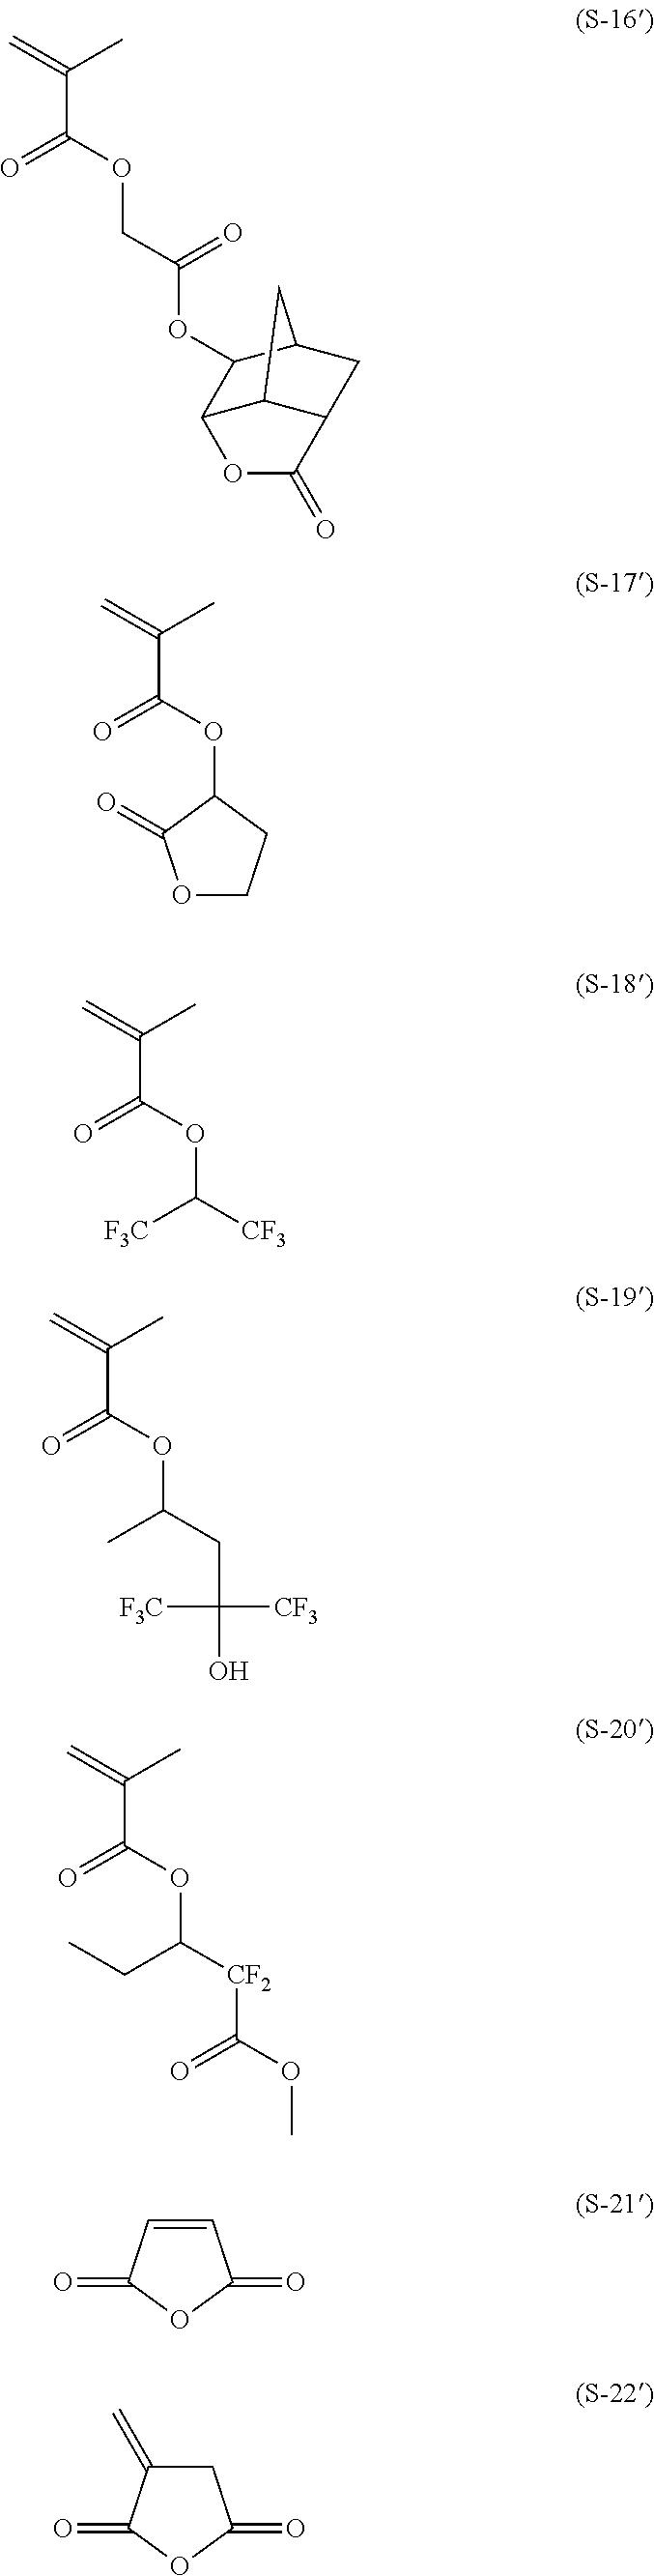 Figure US09477149-20161025-C00039